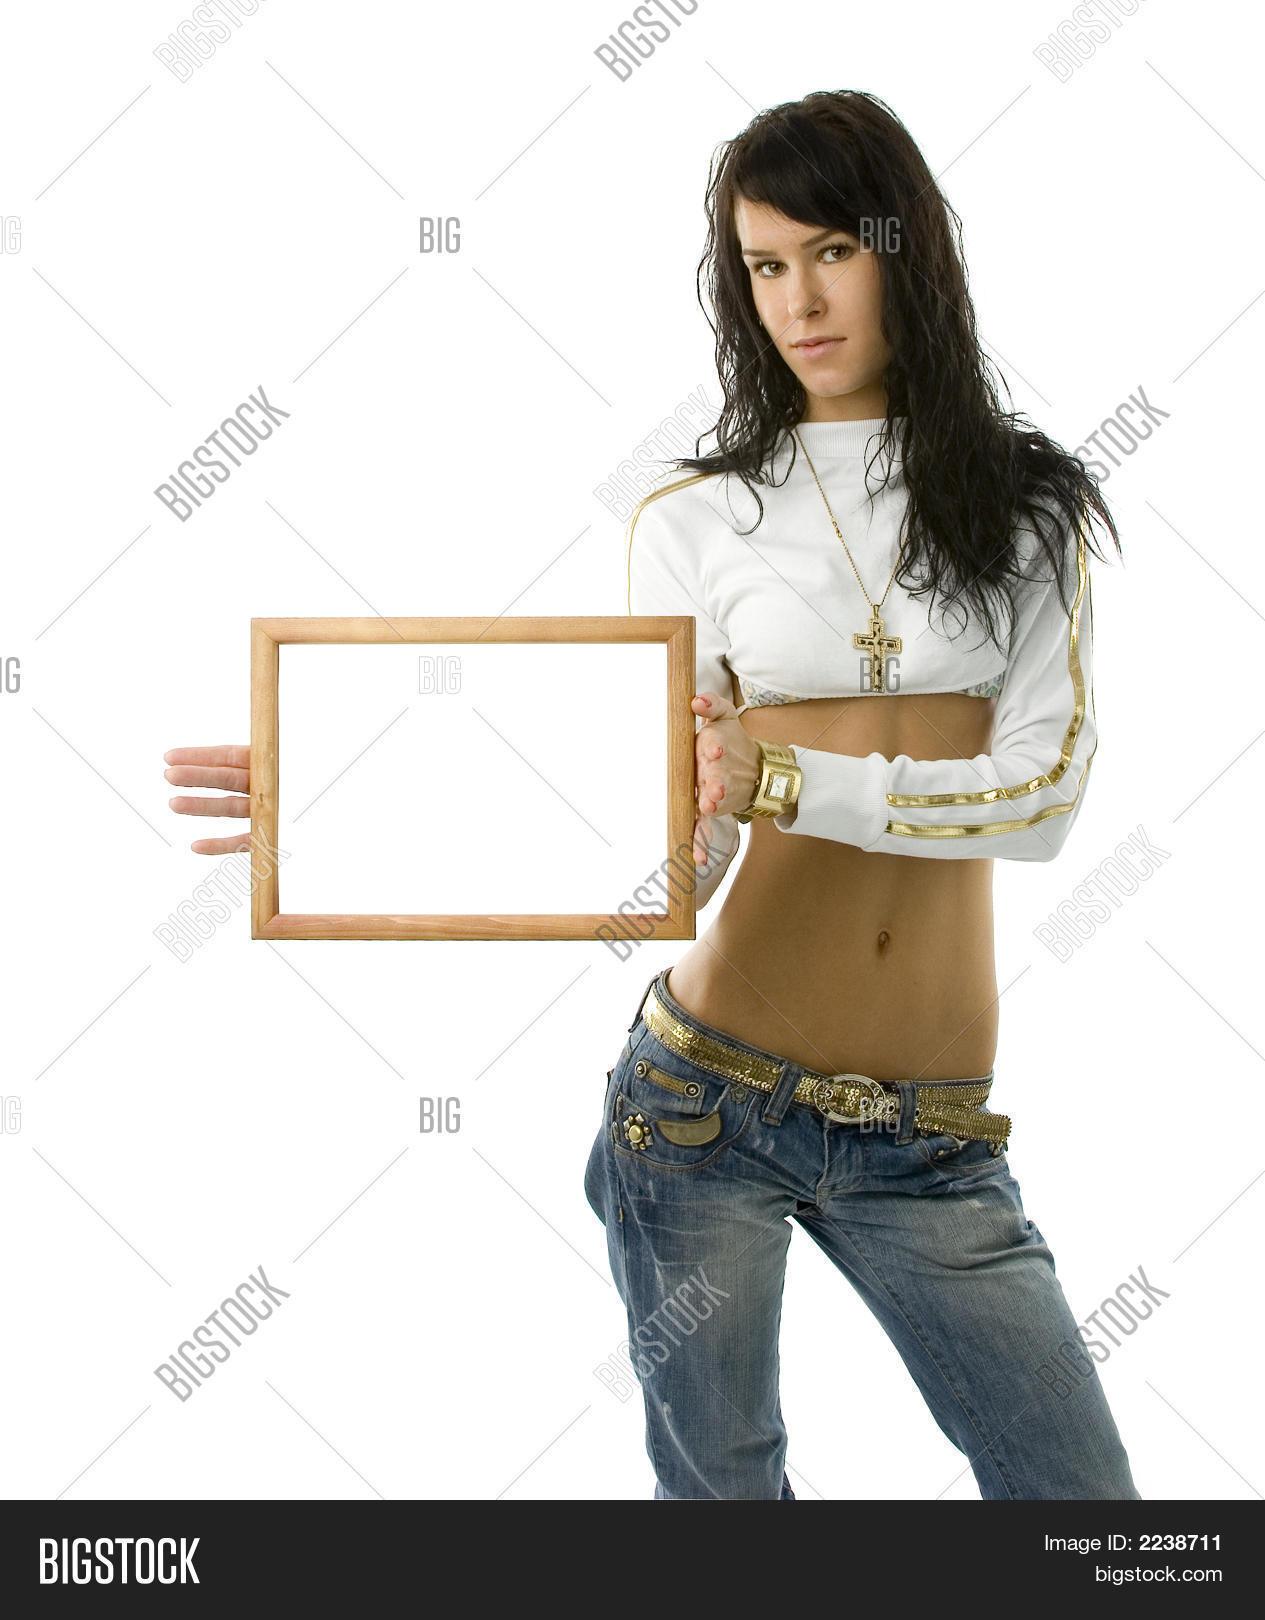 081e8ec82 http://www.bigstock.com.br/image-2238699/stock-photo-belo-retrato ...